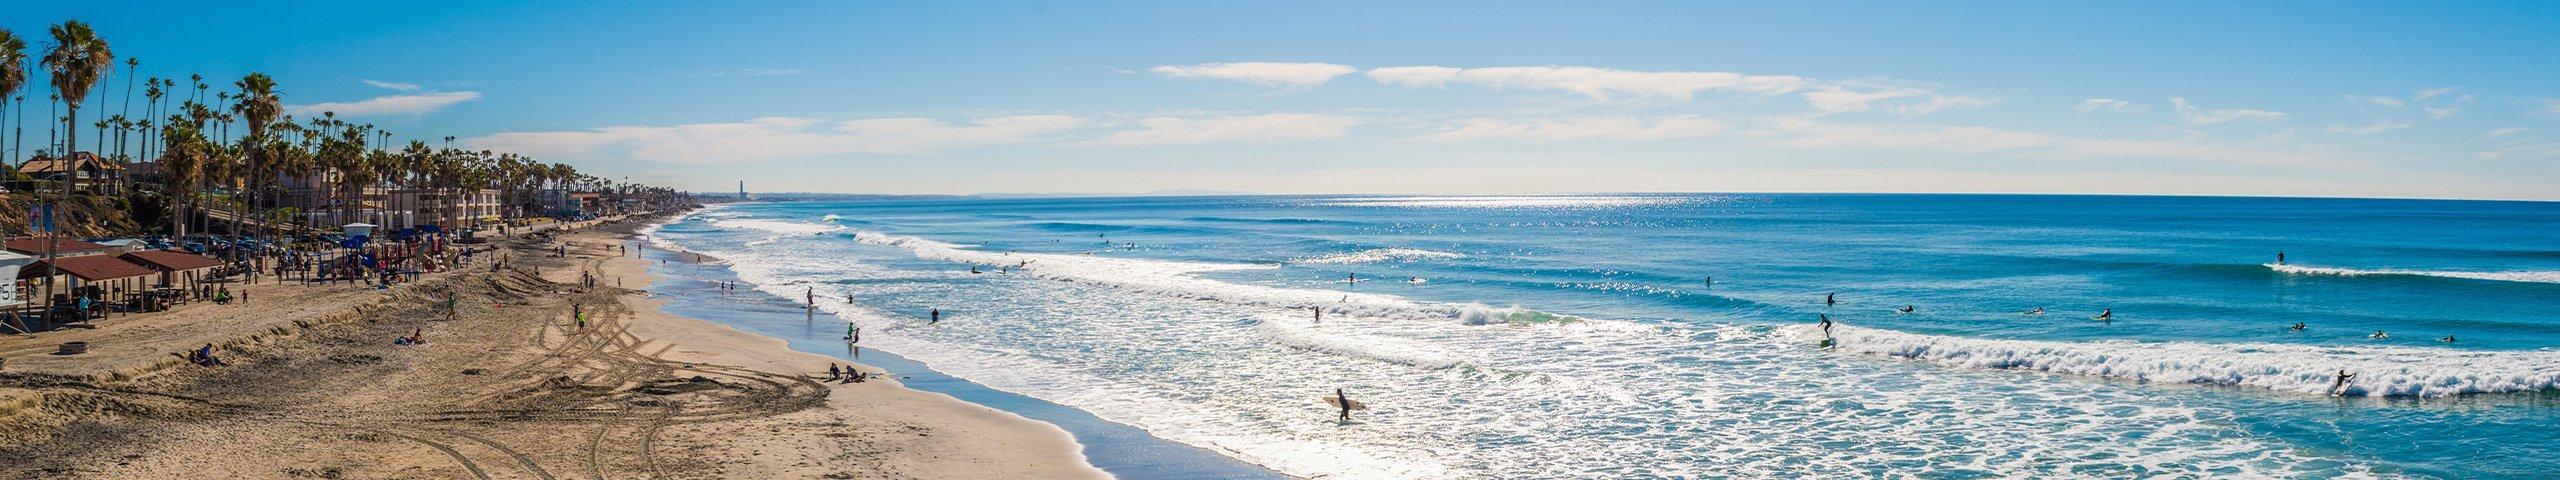 view of a beach in south san diego california